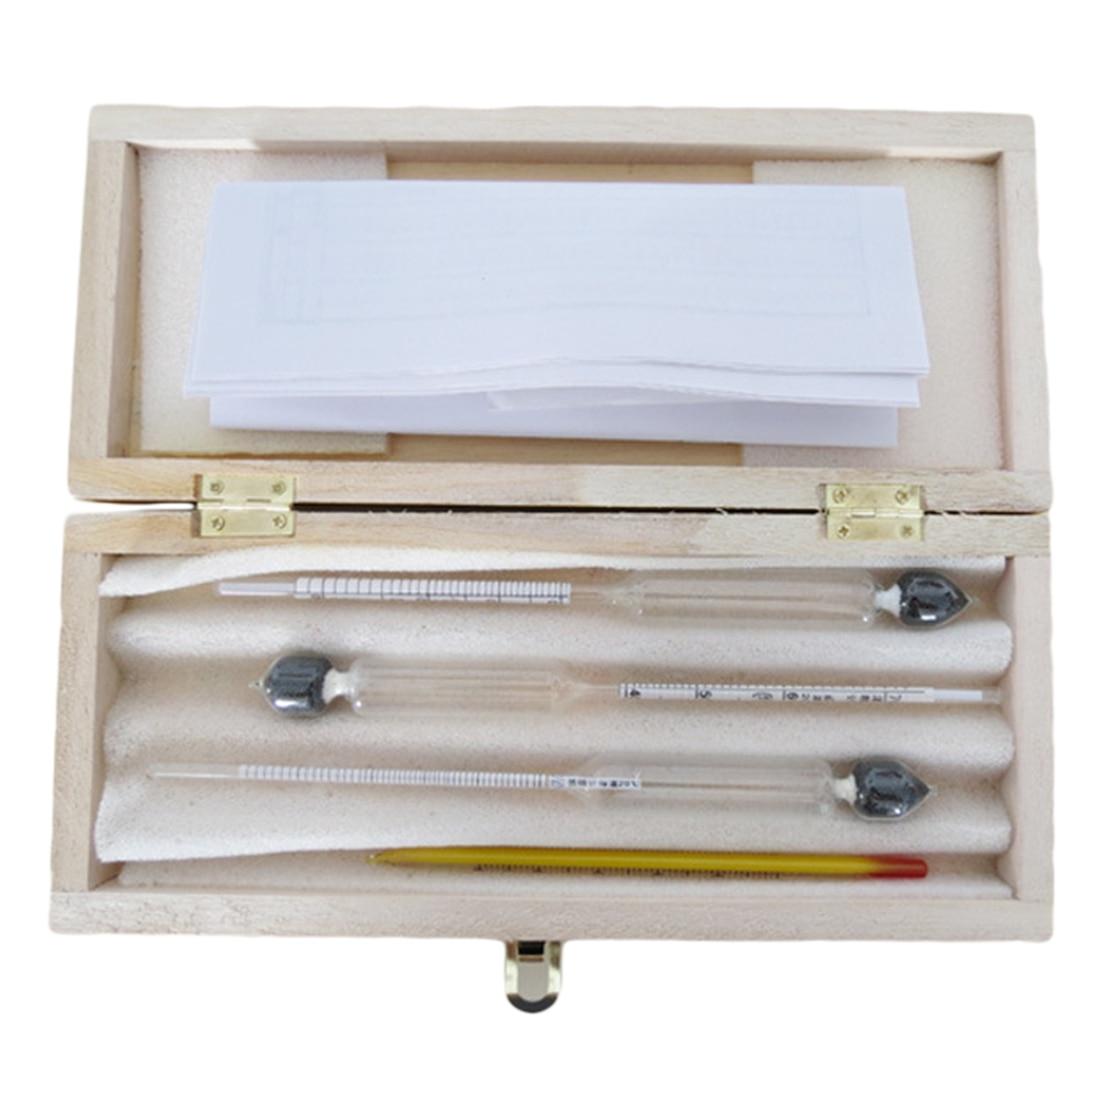 3 pcs/ensemble Alcoomètre Alcool vin Mètres Concentration Mètre Alcool Instrument Densimètre Testeur